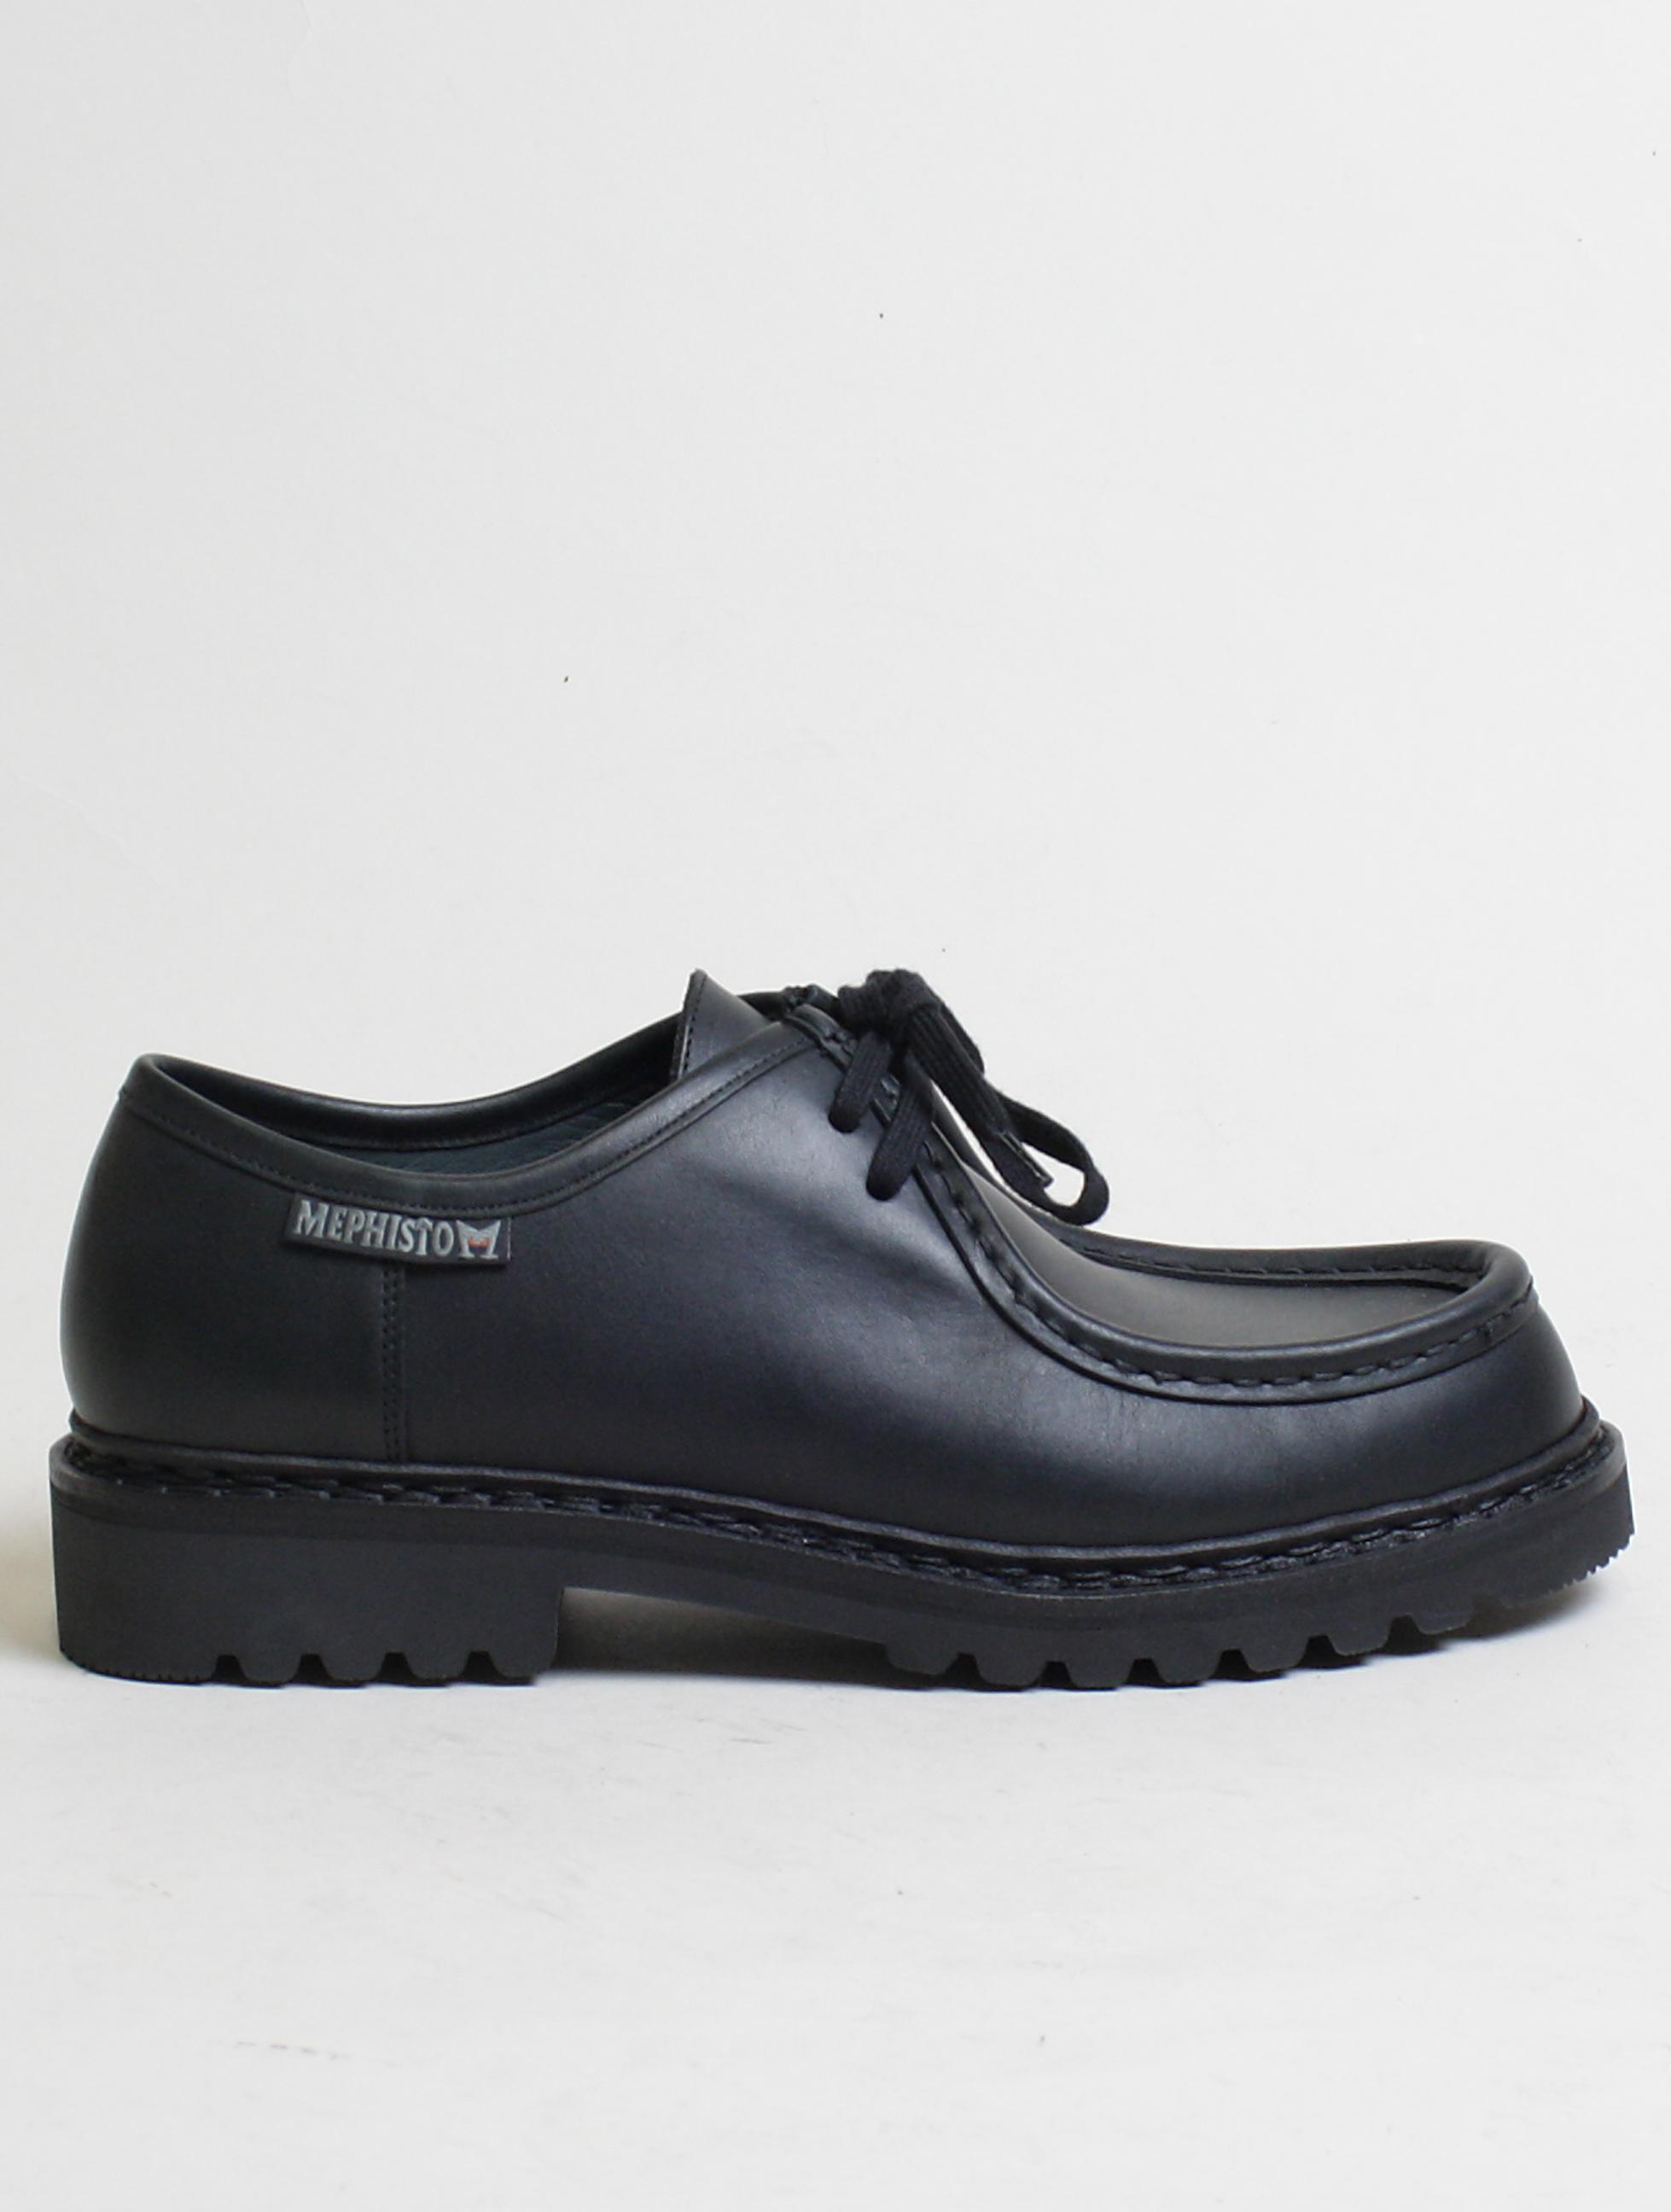 best website e5f78 8720e Mephisto scarpa allacciata 2 fori Peppo Black